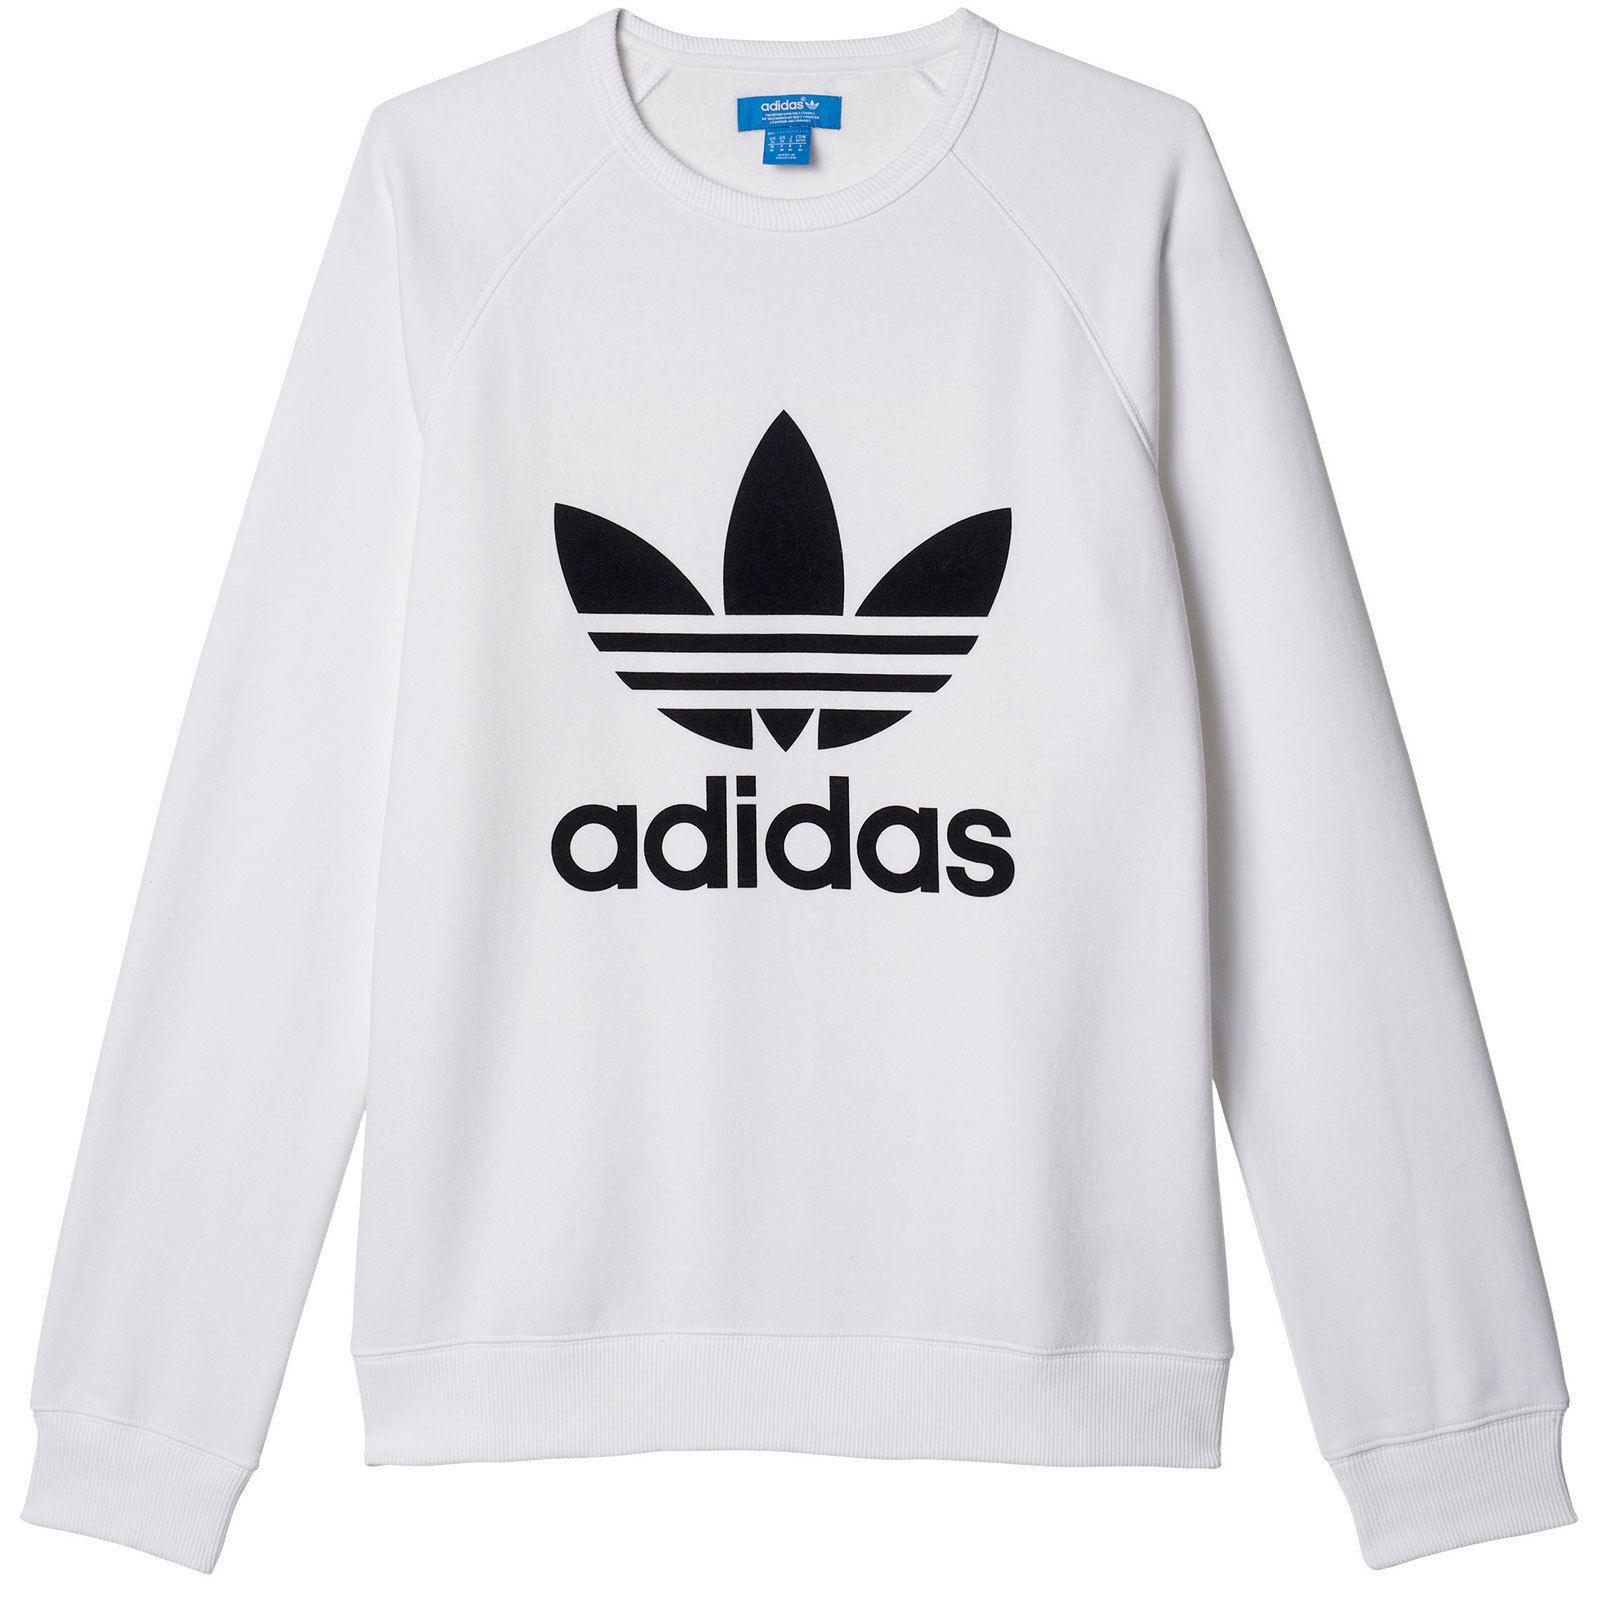 Adidas Originals Men's Trefoil Logo Crew Neck Sweatshirt Fleece Weiß & schwarz